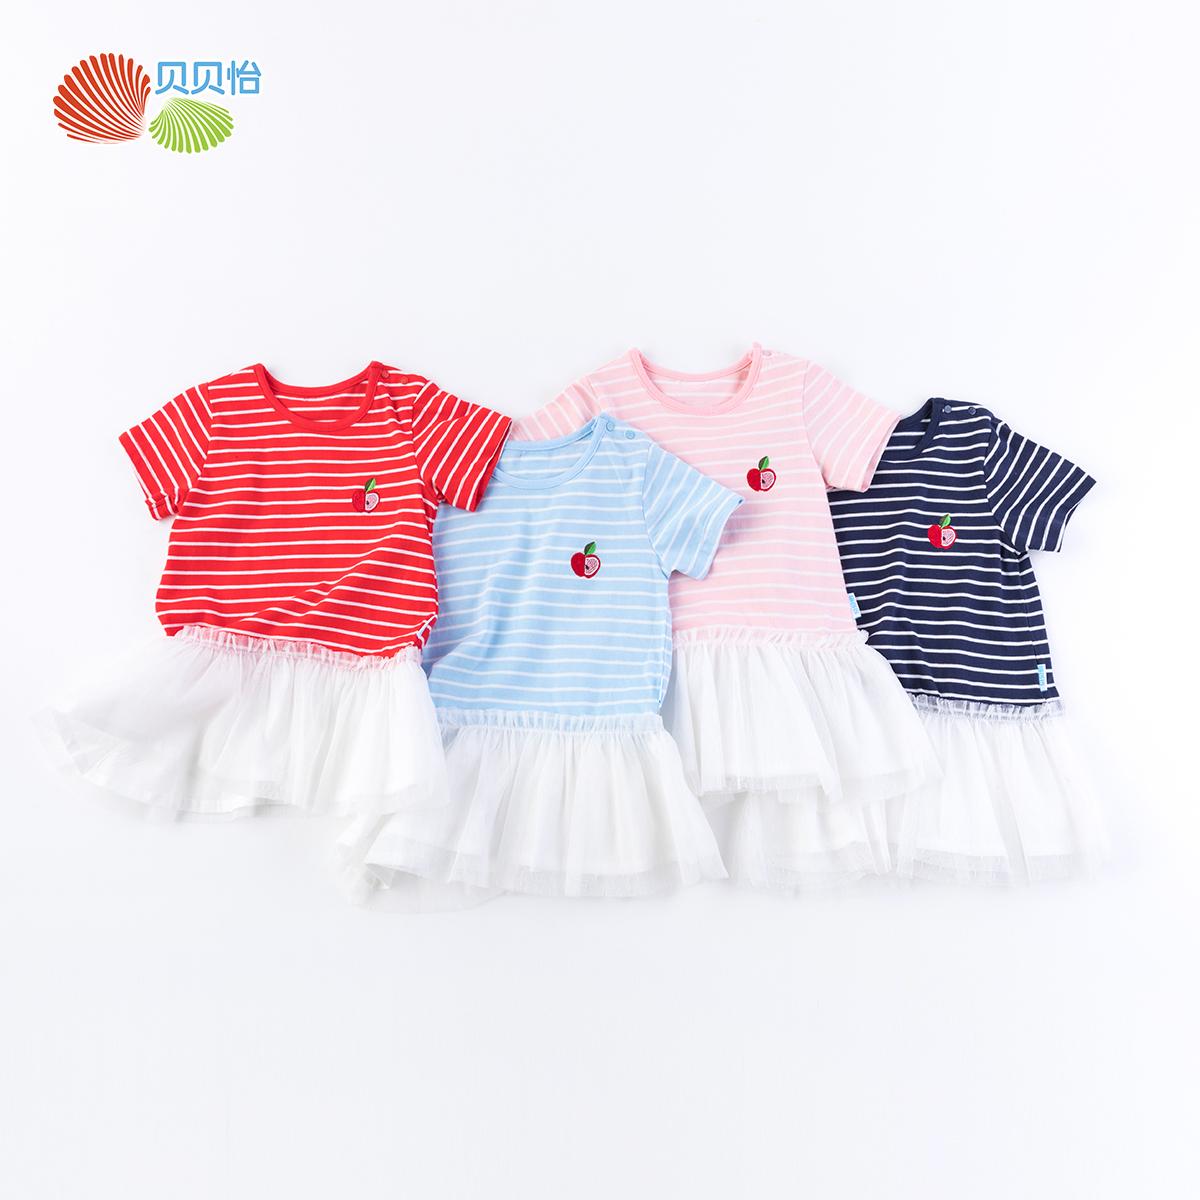 贝贝怡旗舰店宝宝短袖长上衣2019夏季新款女童甜美海军风T恤裙衣